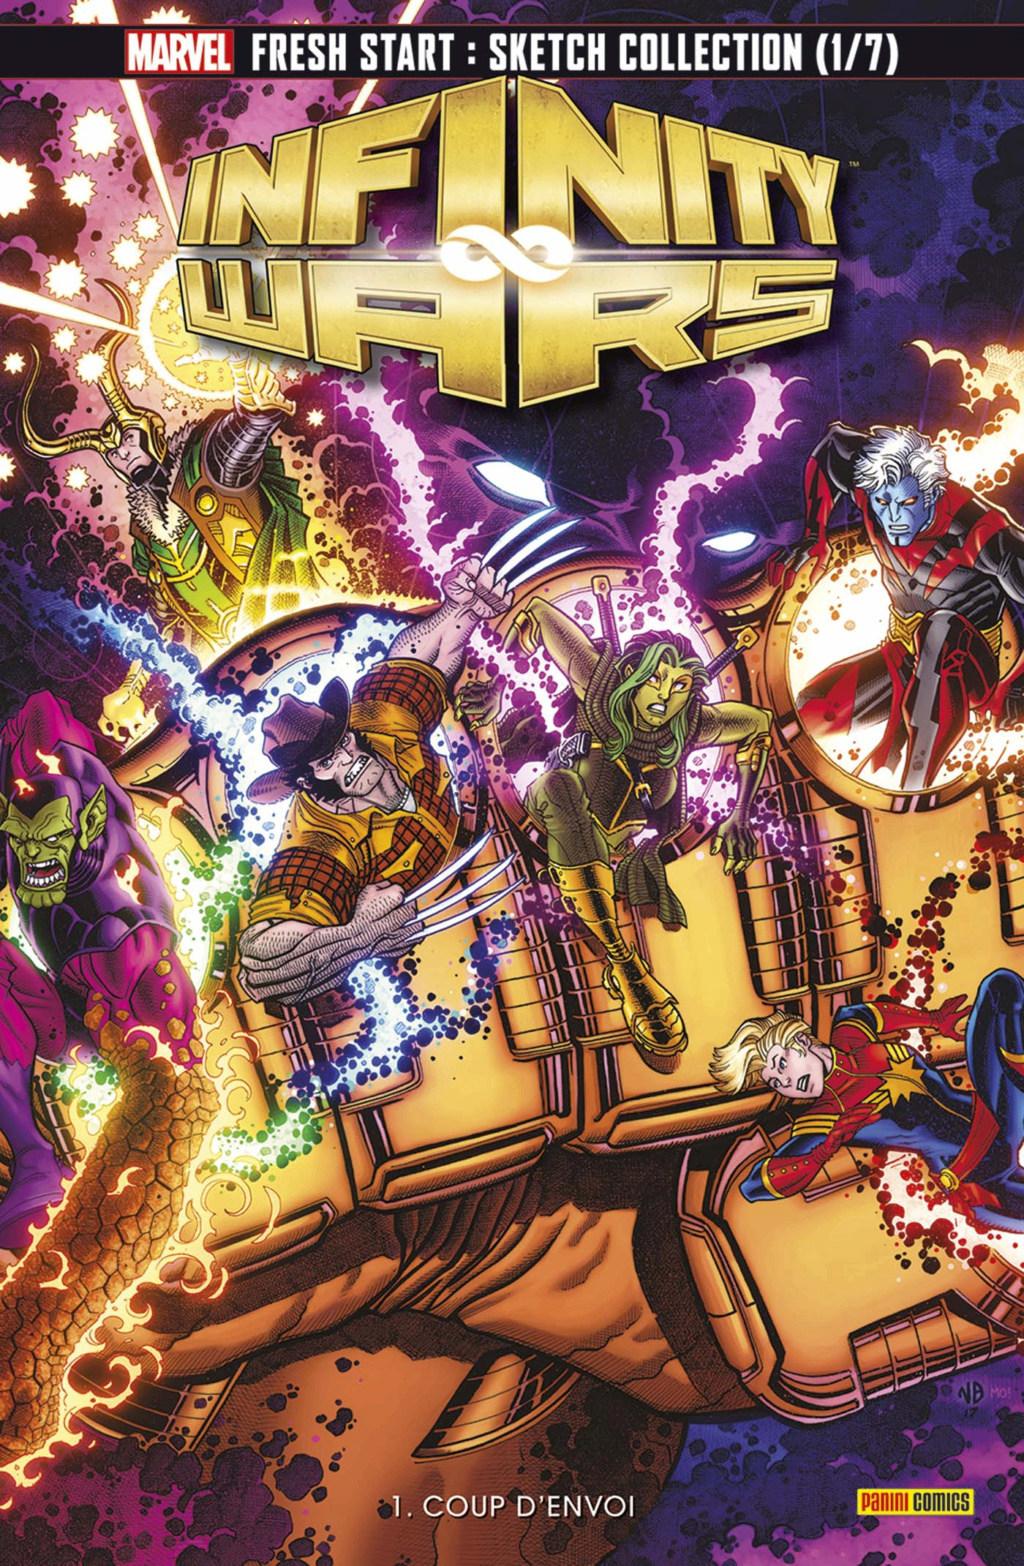 Les Comics (Marvel, DC,...), vos avis, critiques et coups de coeur - Page 9 Infini10